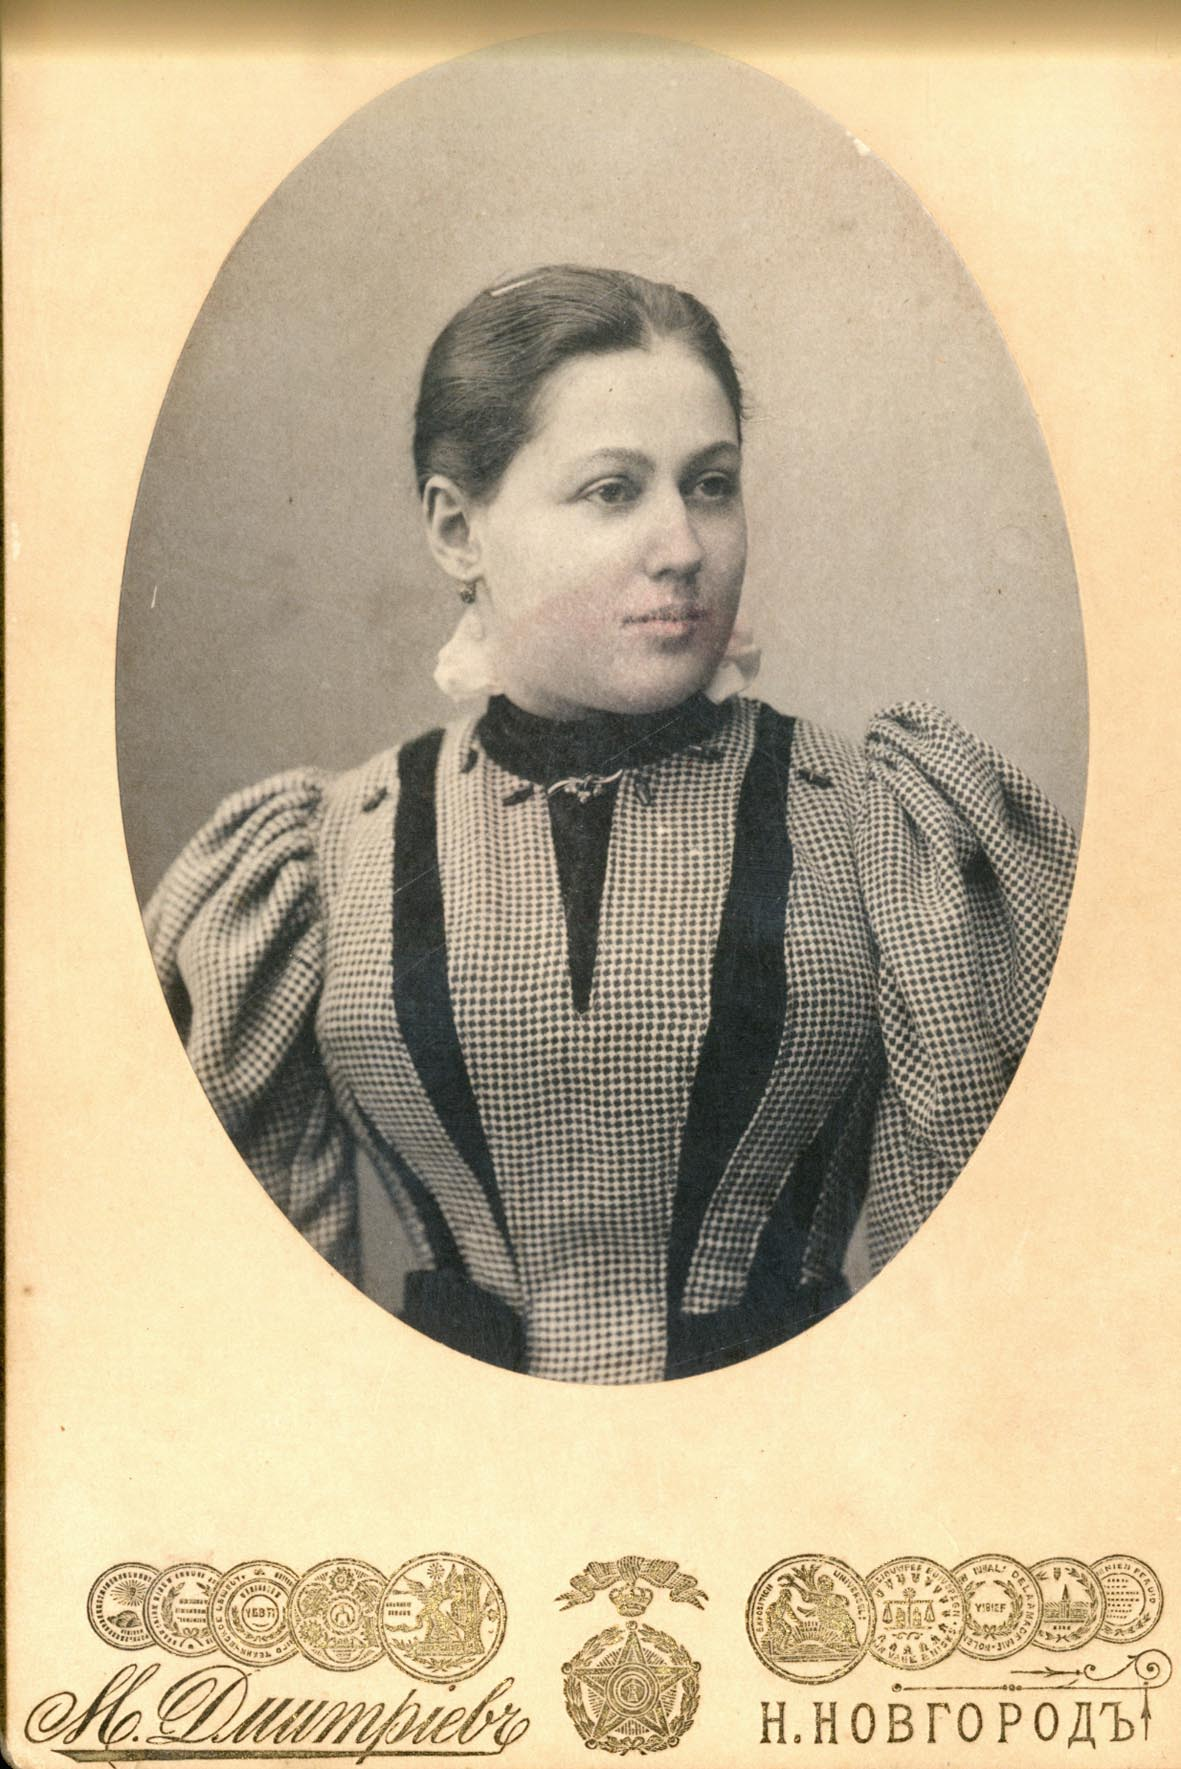 Портрет Анны Филипповны (жены М. П. Дмитриева)